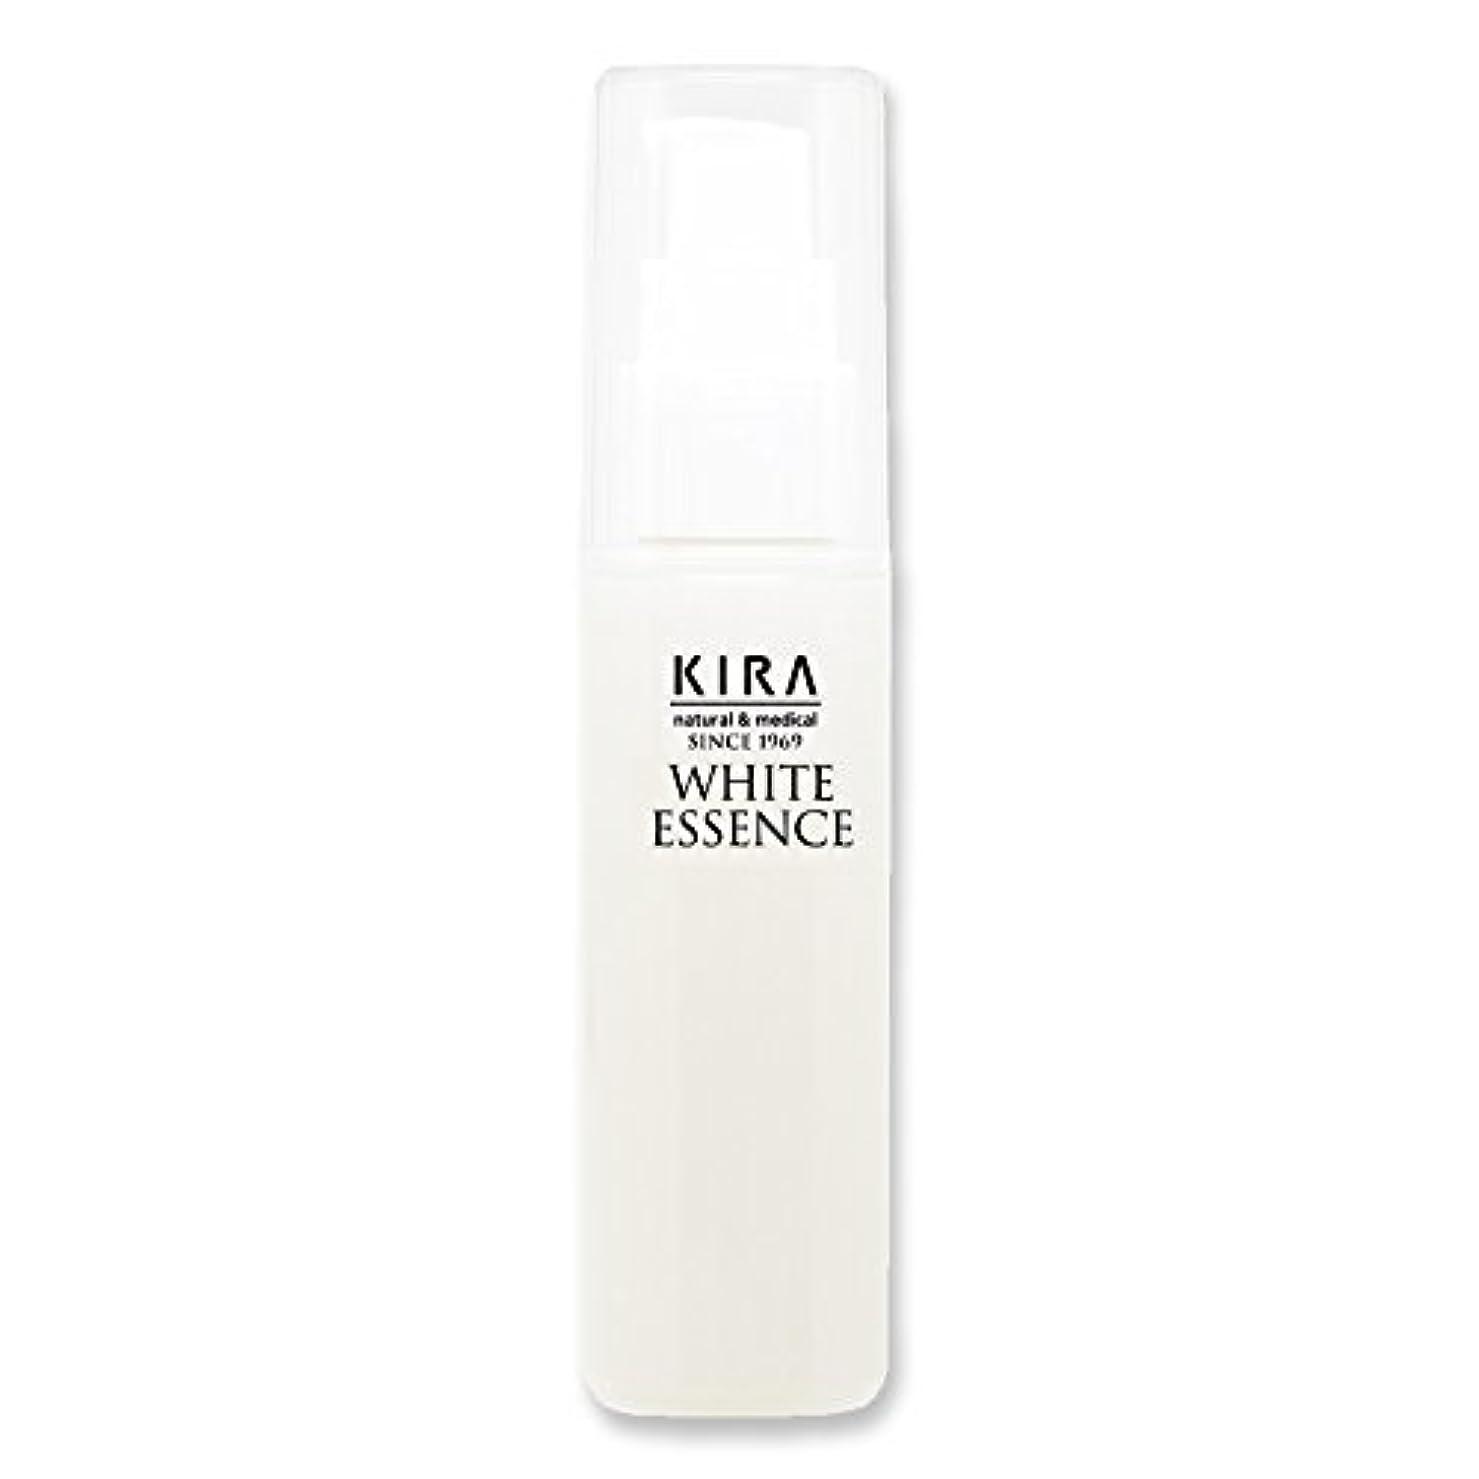 権限を与える散逸原子綺羅化粧品 ホワイトエッセンス (美容液)